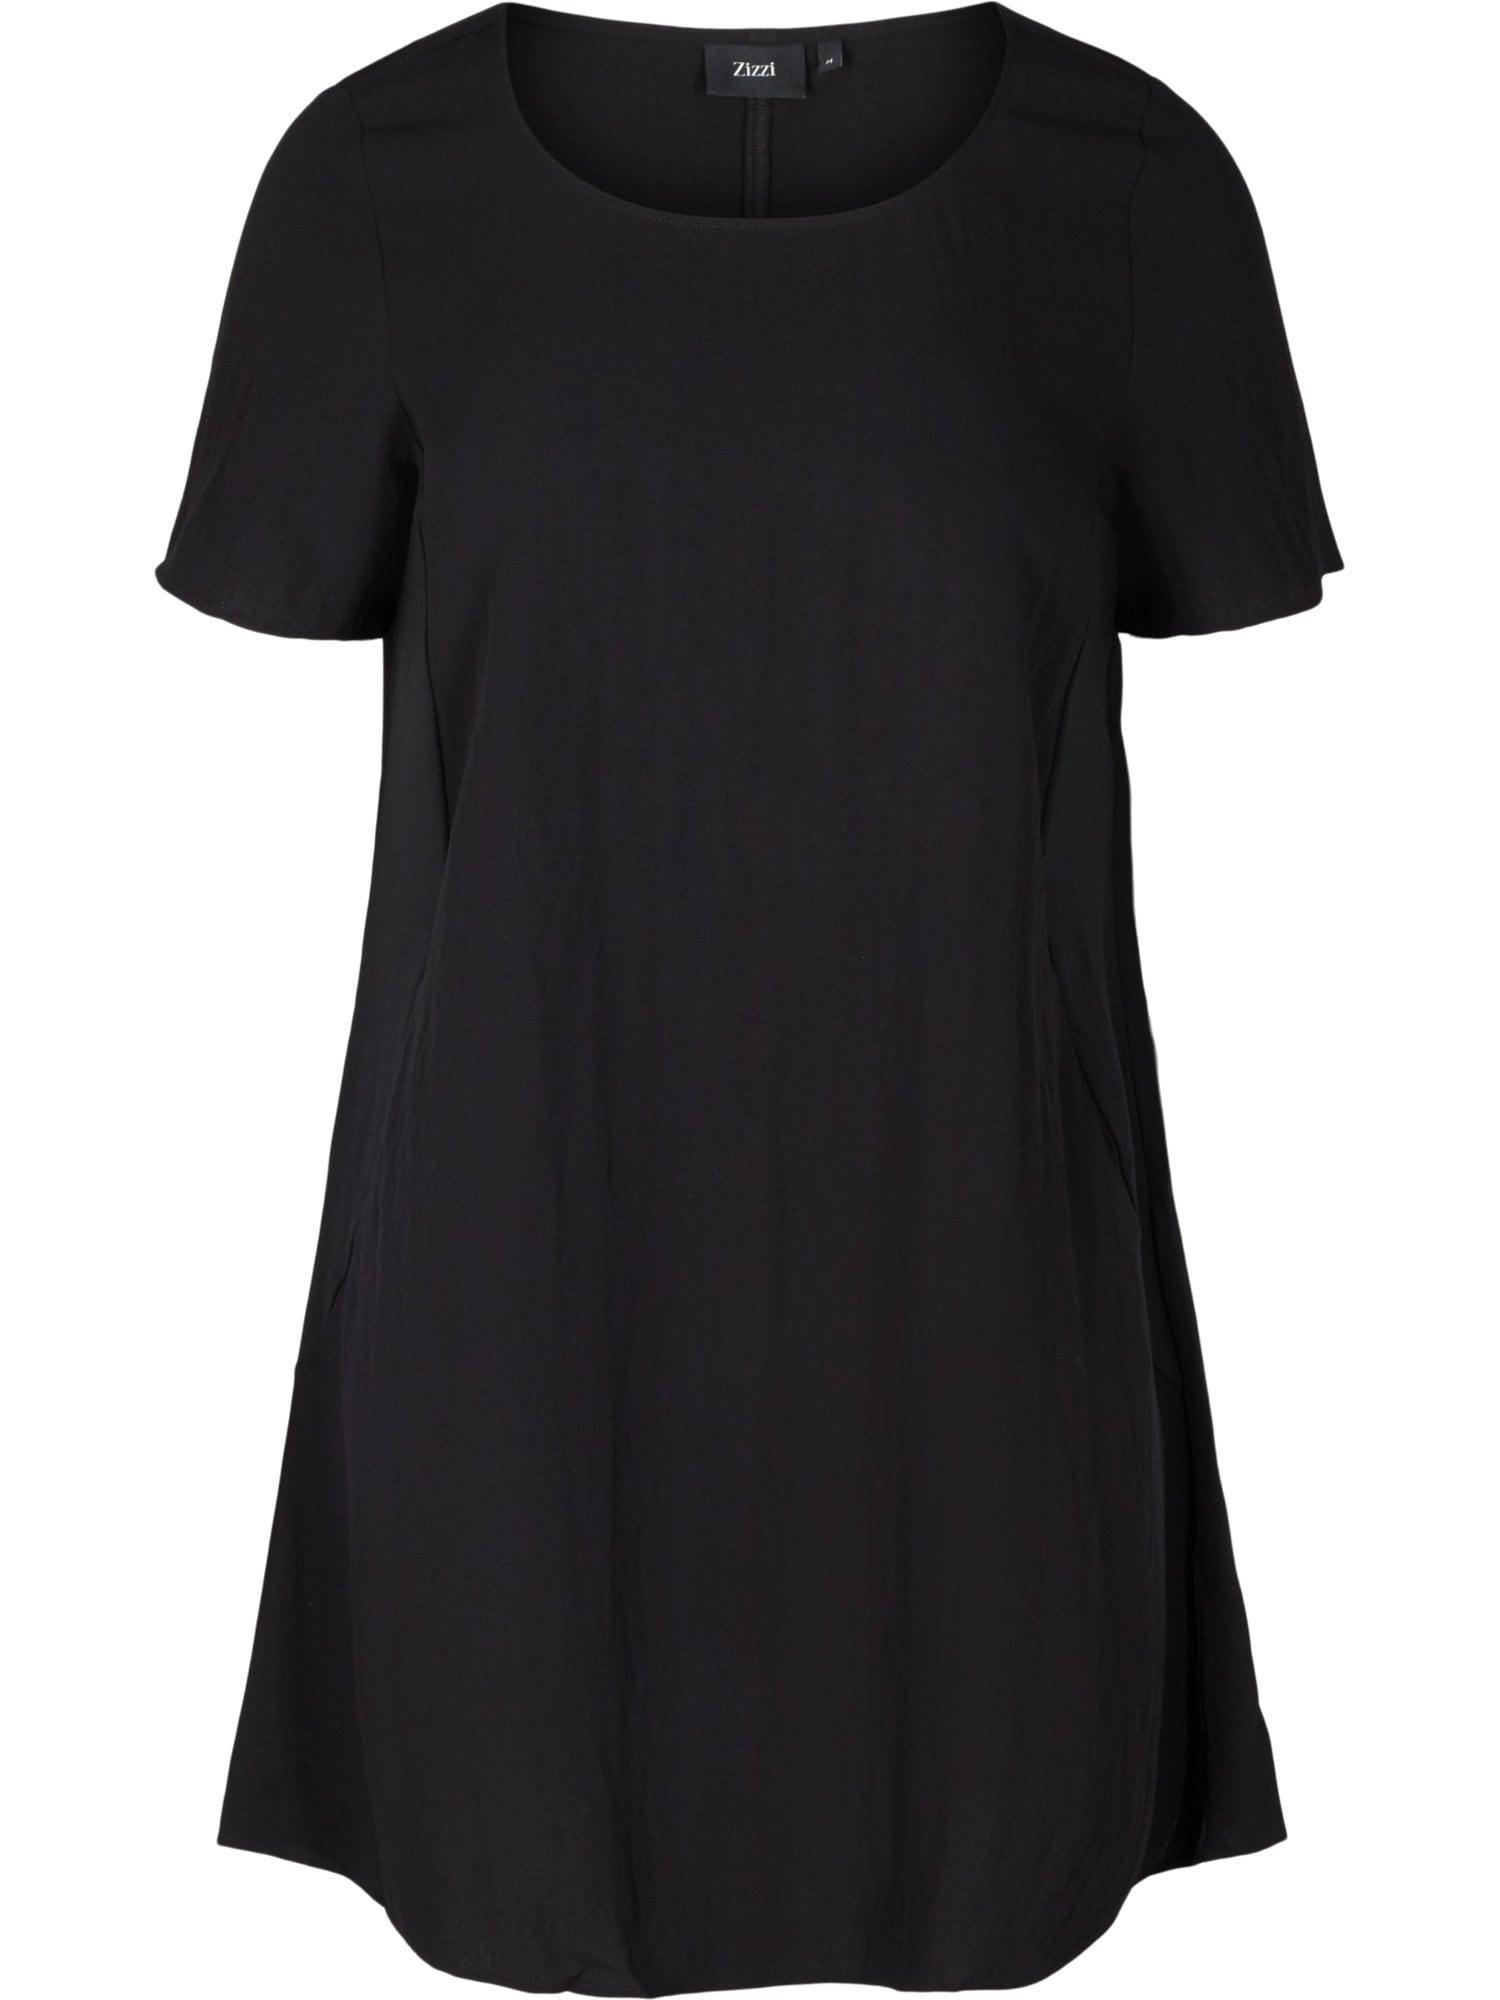 Zizzi Letní šaty 'Vmacy'  černá